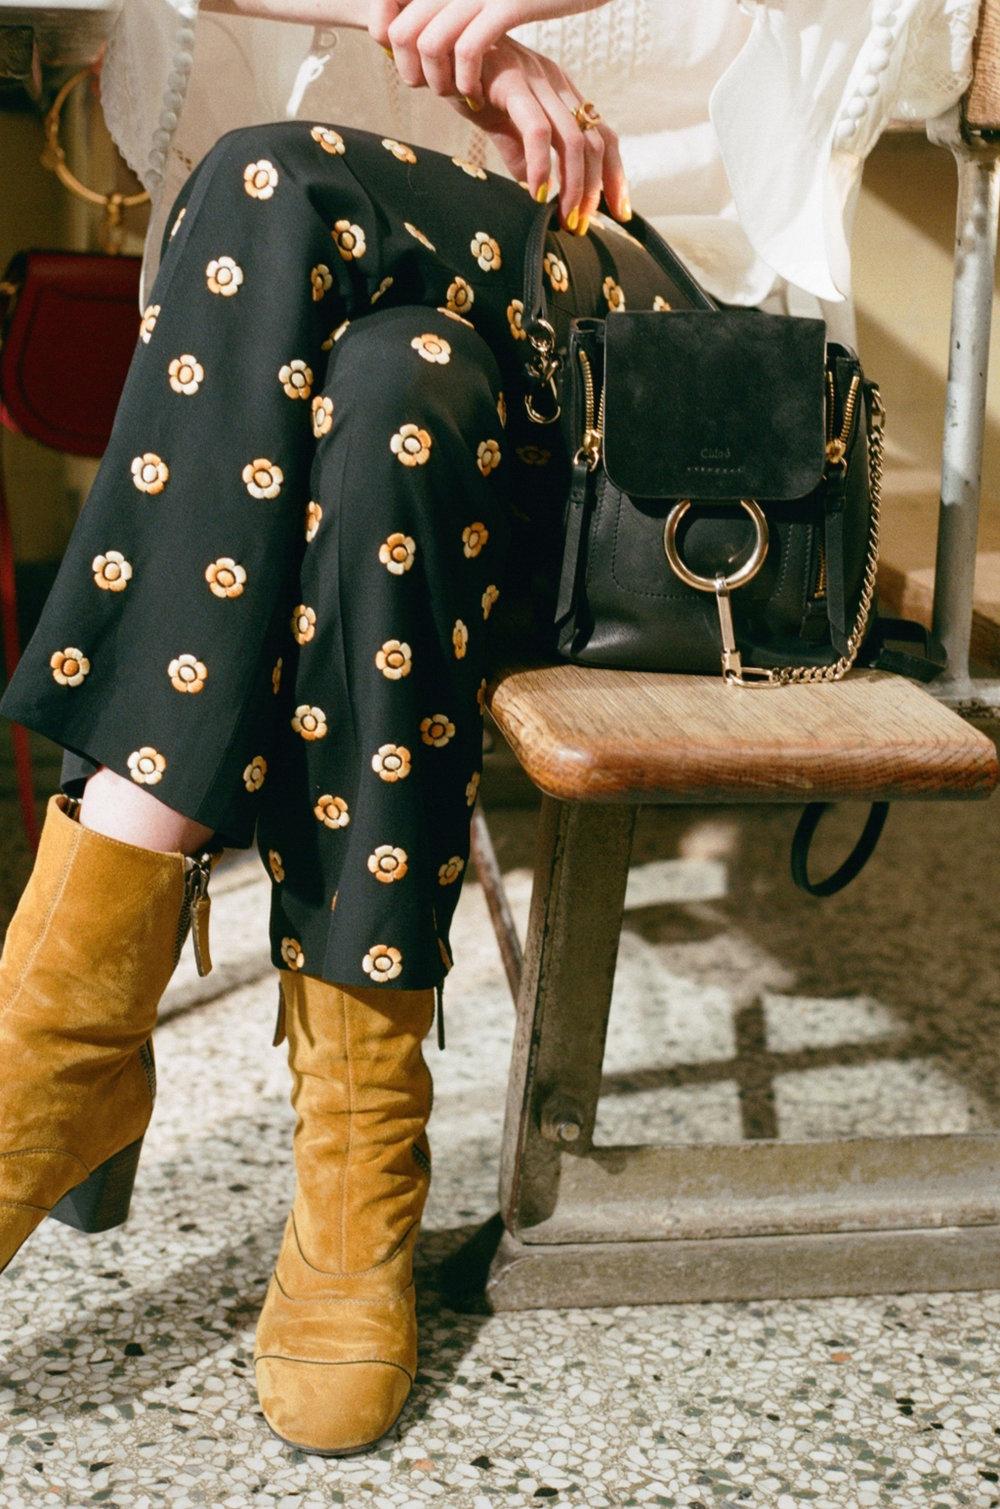 bagshoesjeans.jpg